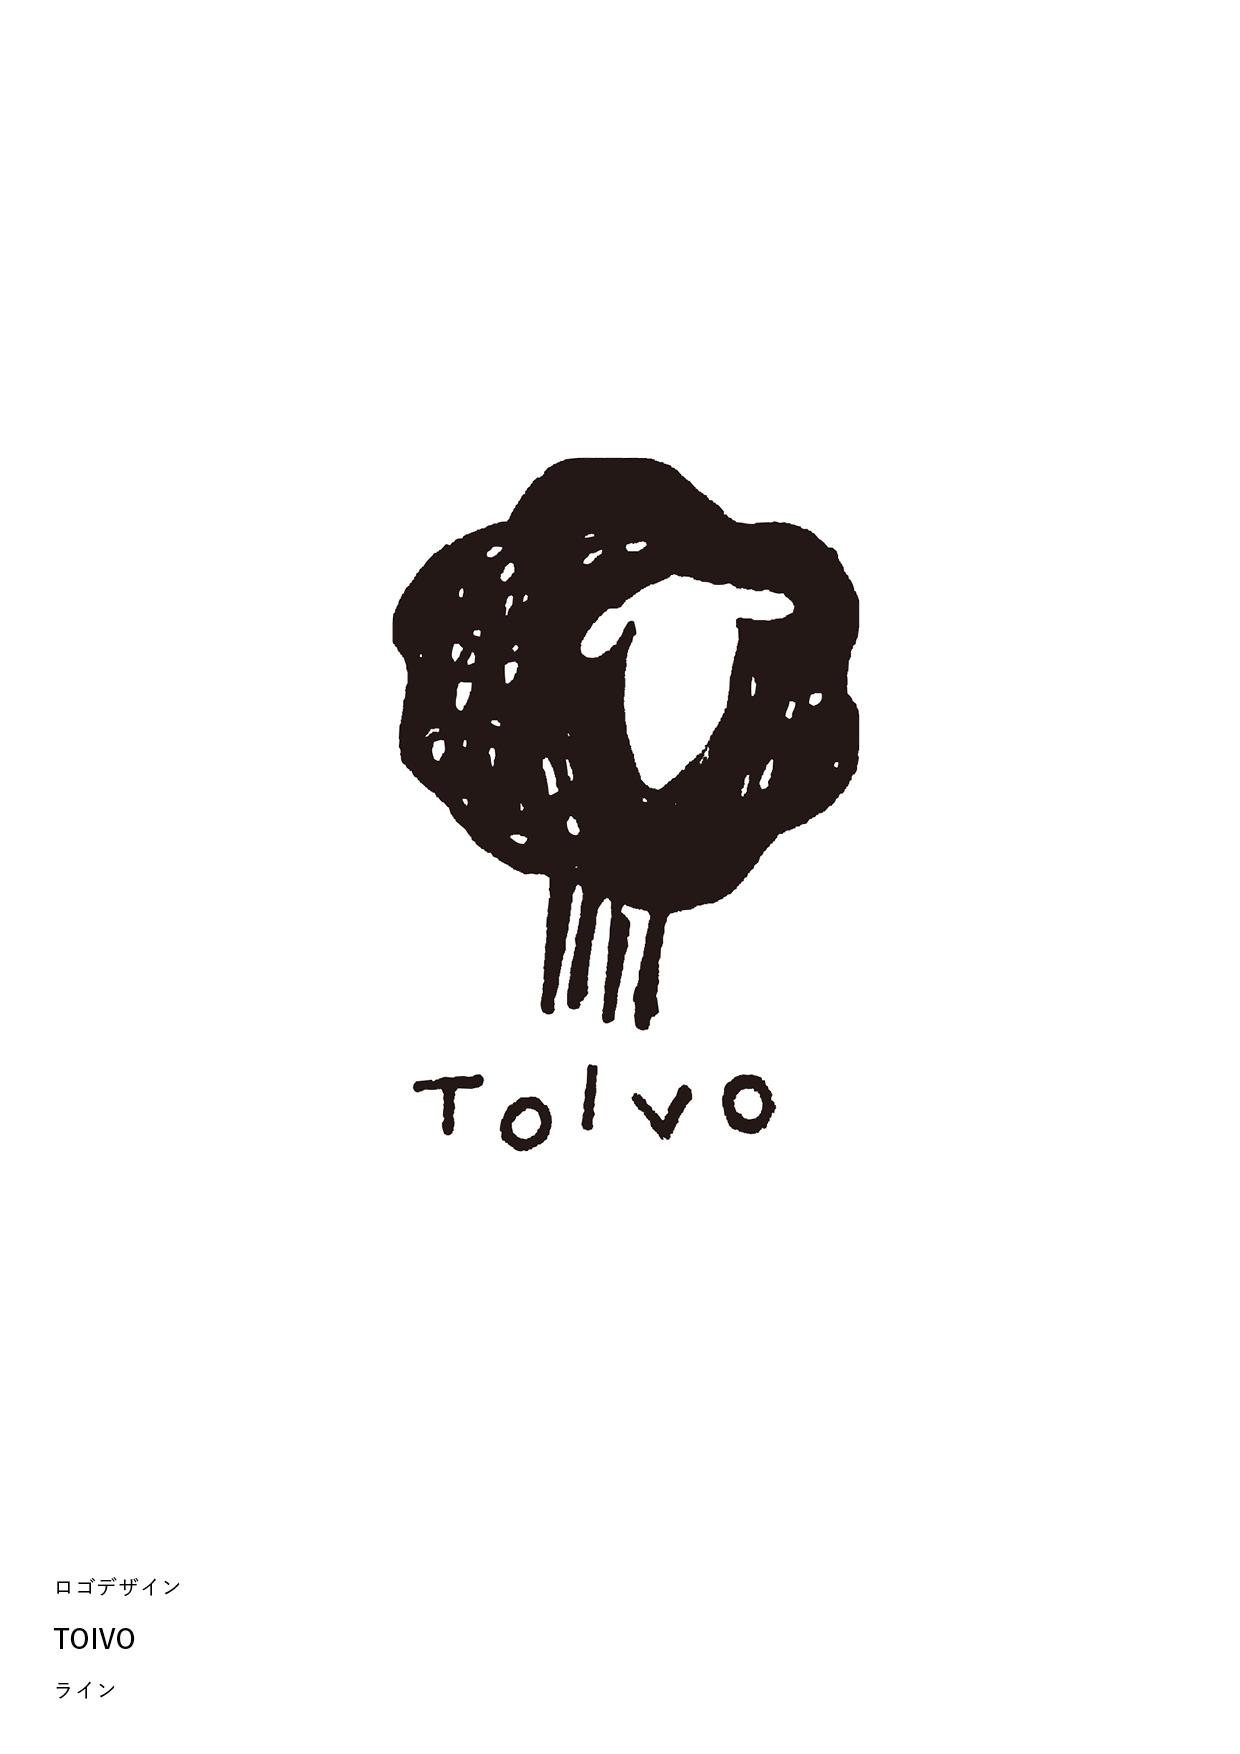 TOIVO